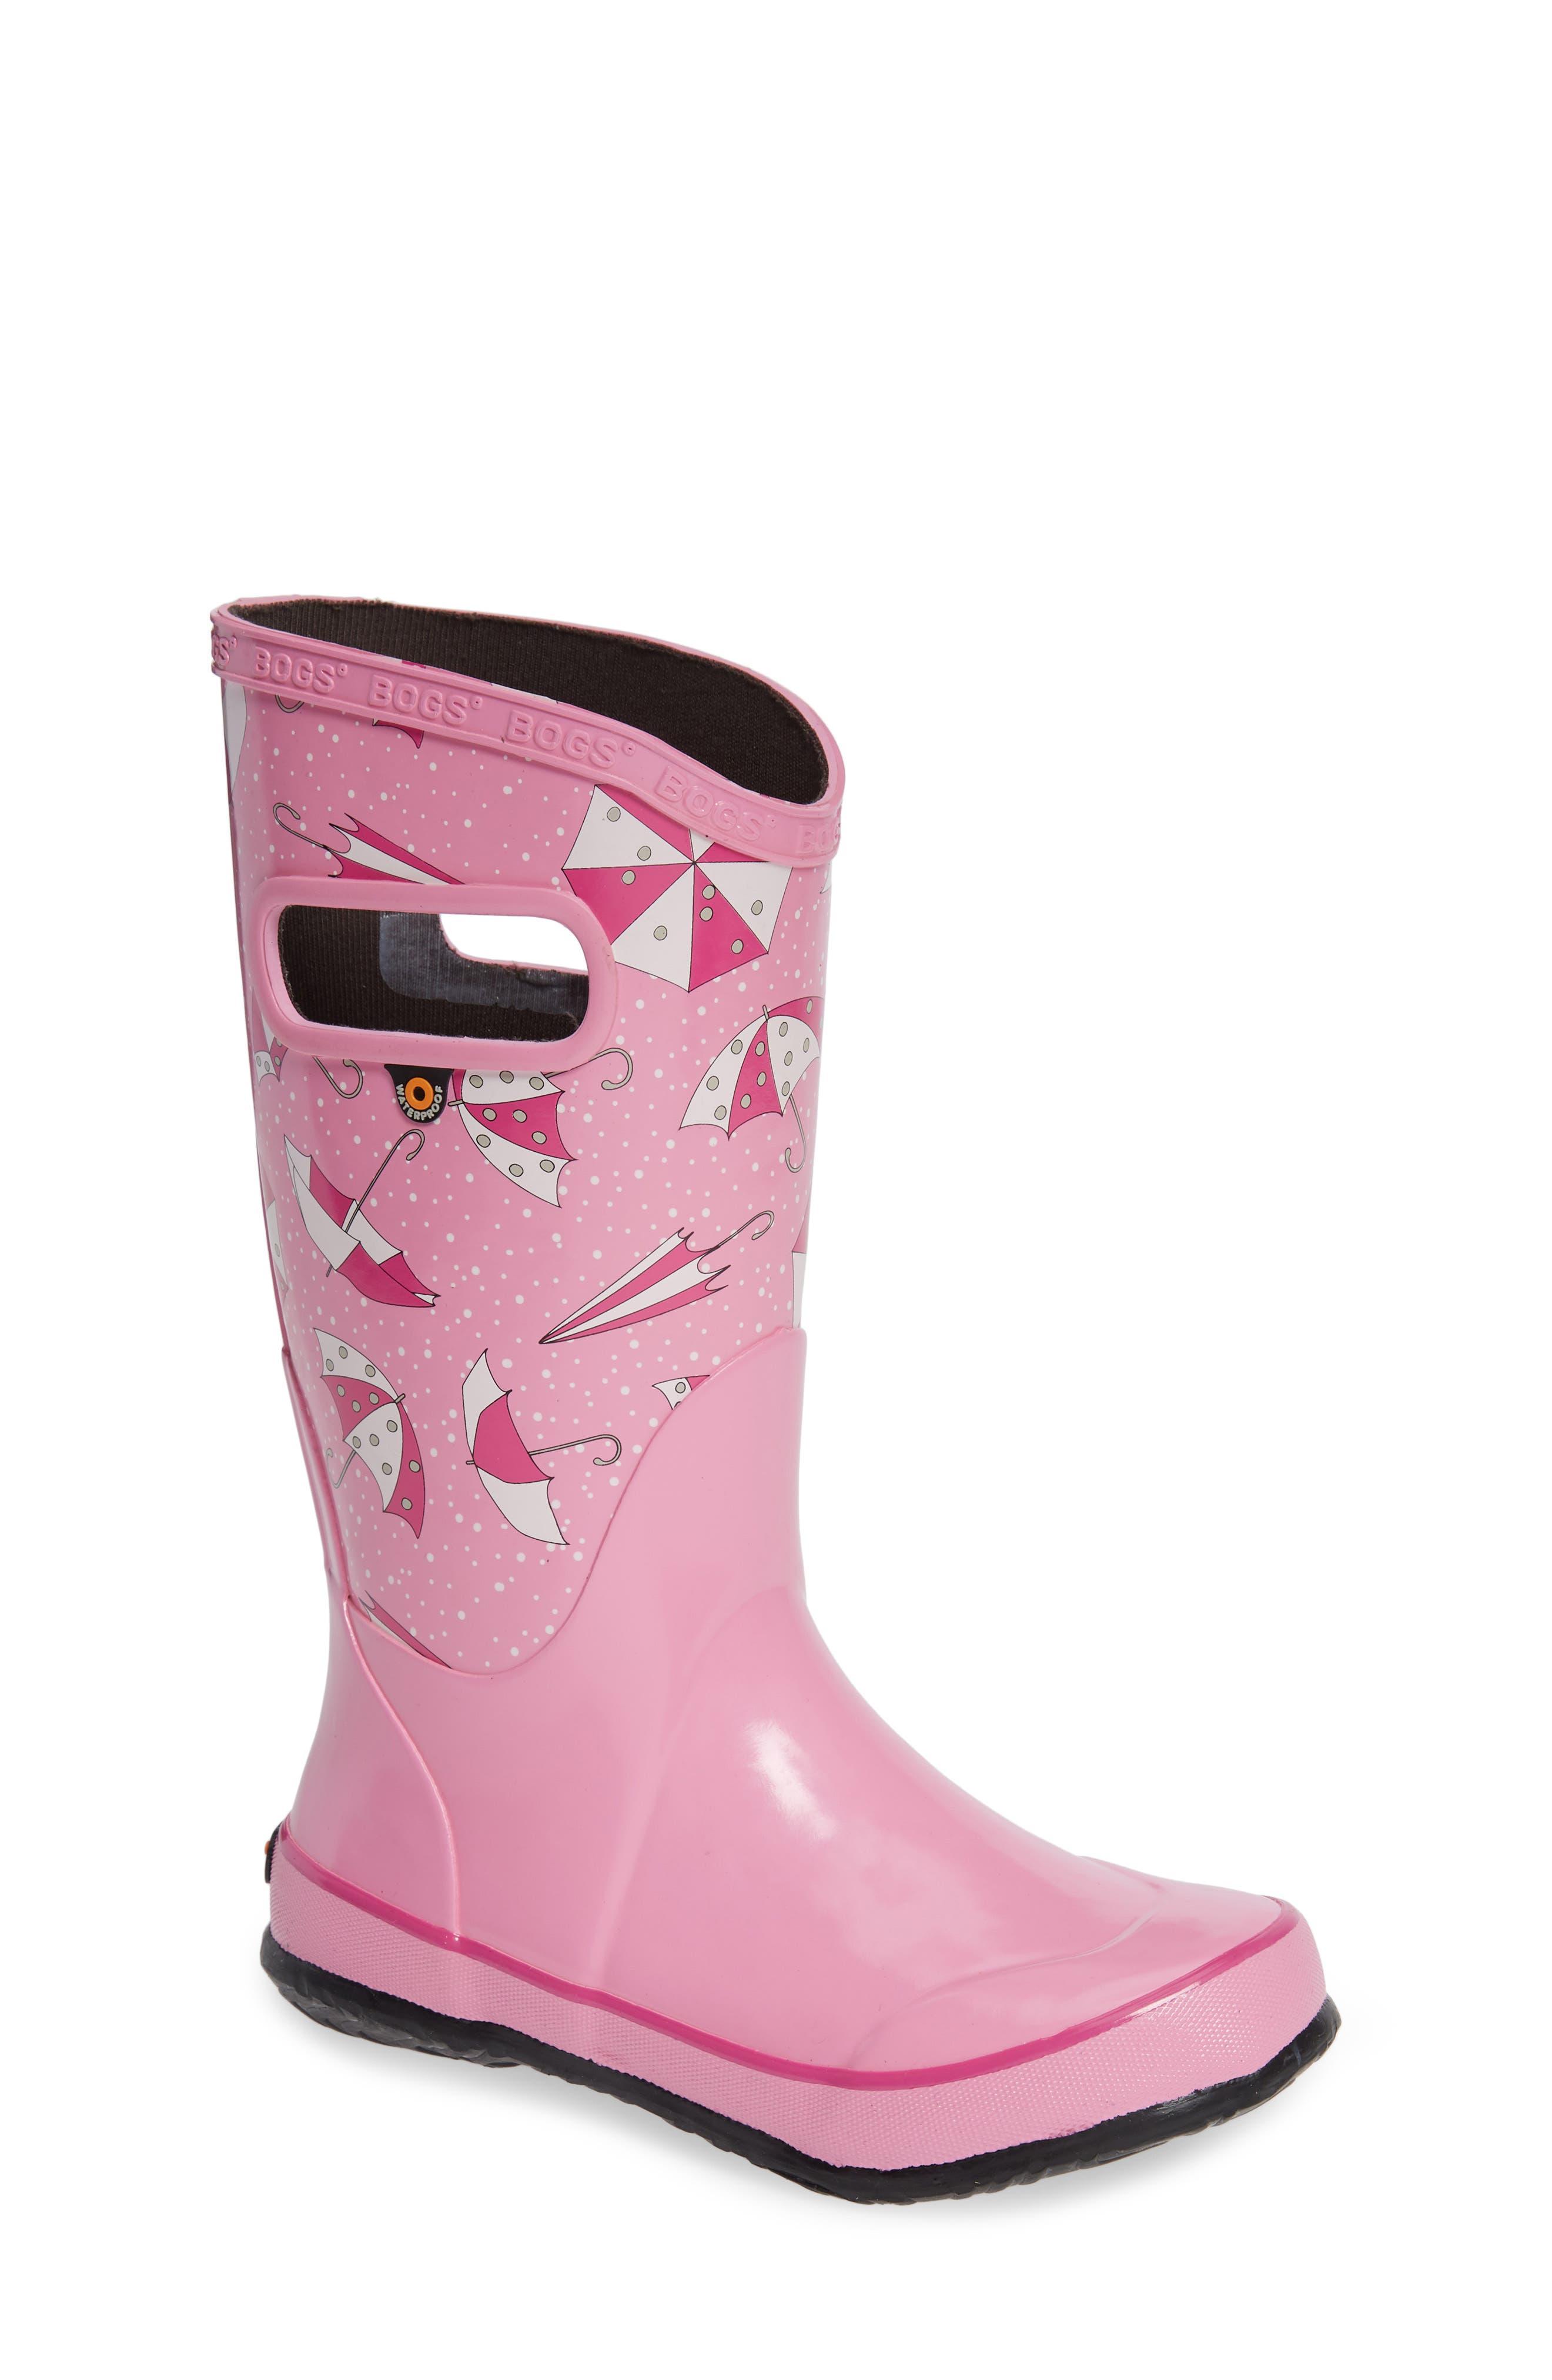 Umbrellas Waterproof Rubber Rain Boot,                         Main,                         color, PINK MULTI